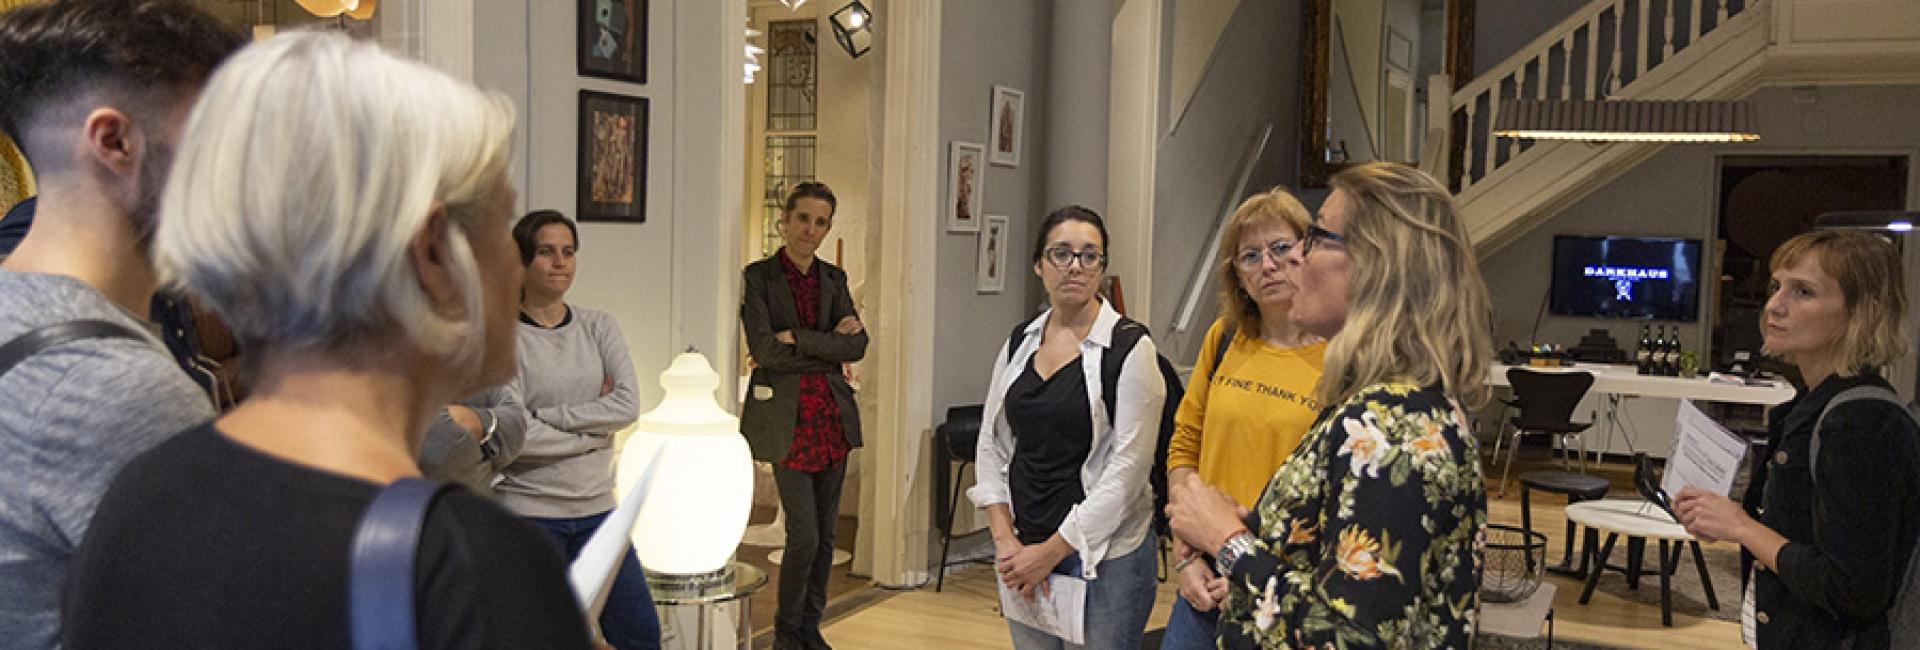 GIRO Circuito de Galerías de Arte |  3º edición  - Galeria Darkhaus